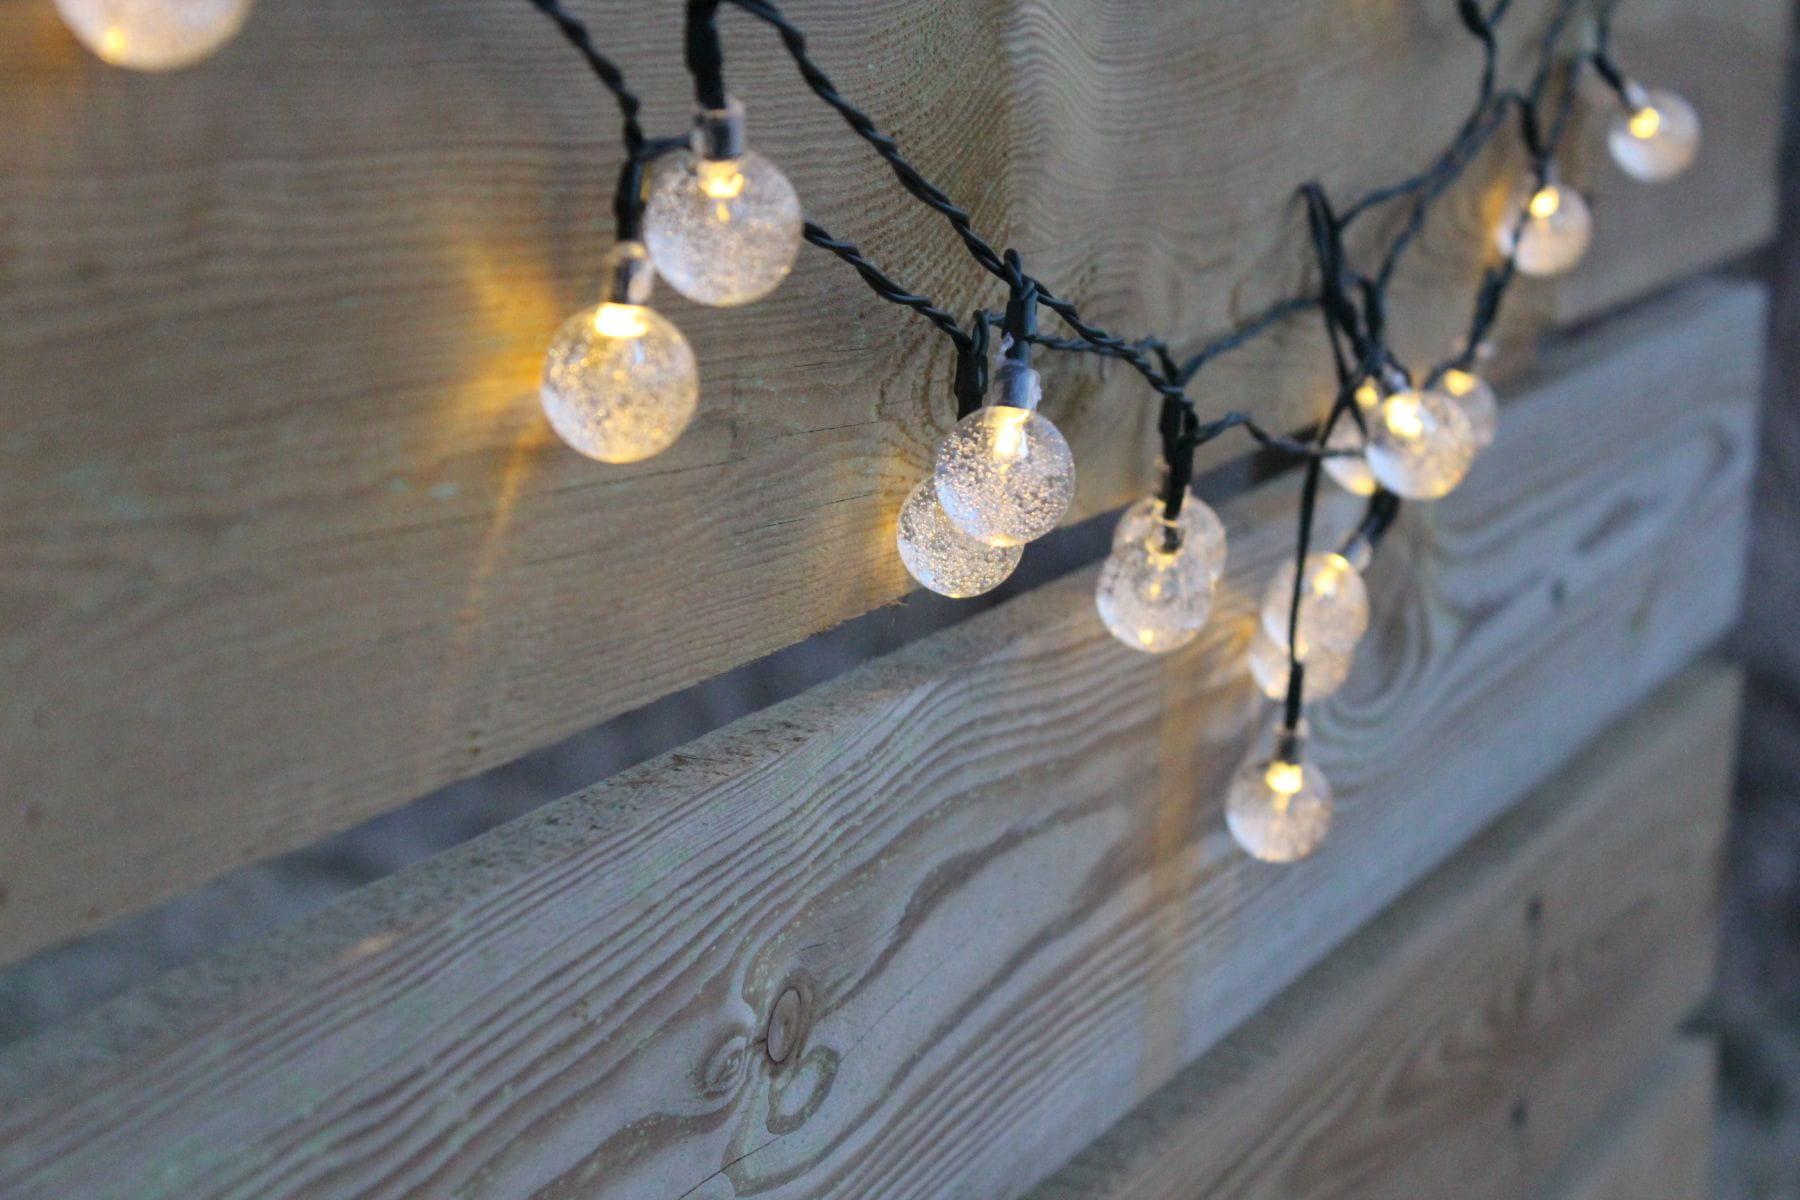 Lampki Solarne 30 Led Joylight Ciepłe Białe W Kształcie Kulek Na Baterie Słoneczne